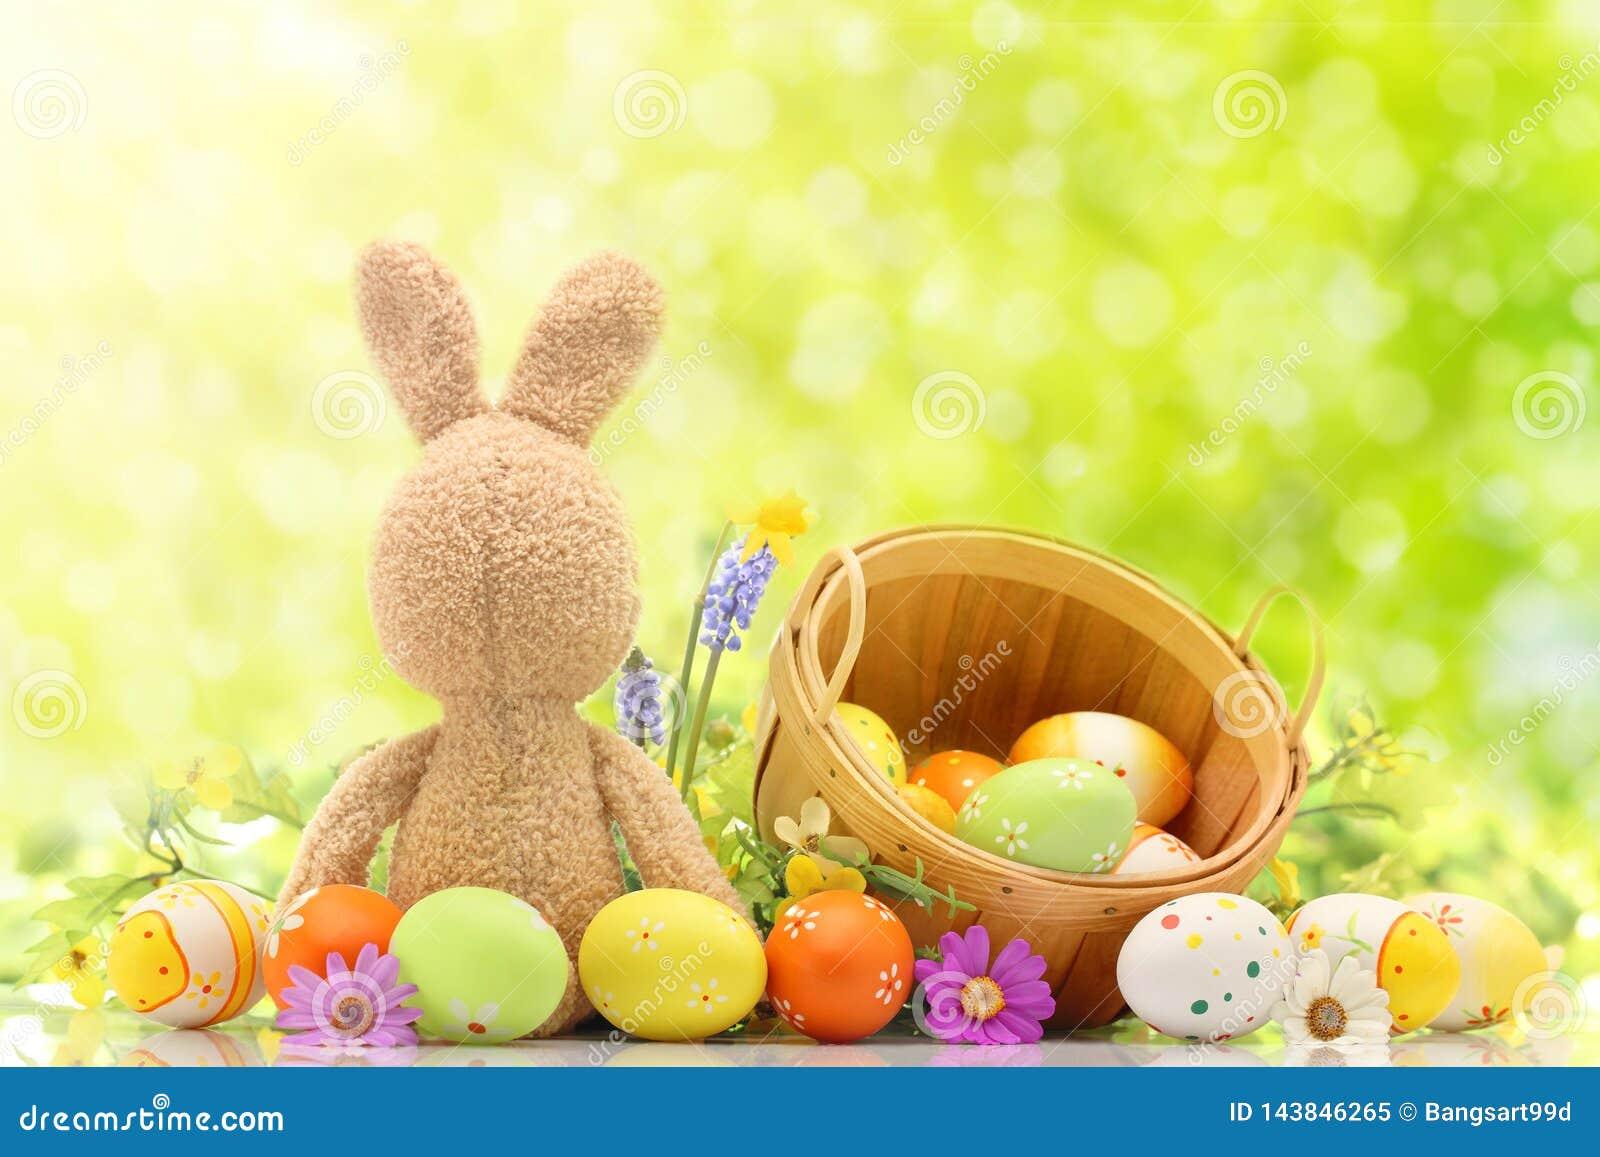 Ovos da páscoa coloridos com coelho de coelho e cesta no meio do fundo verde Espaço livre para o texto